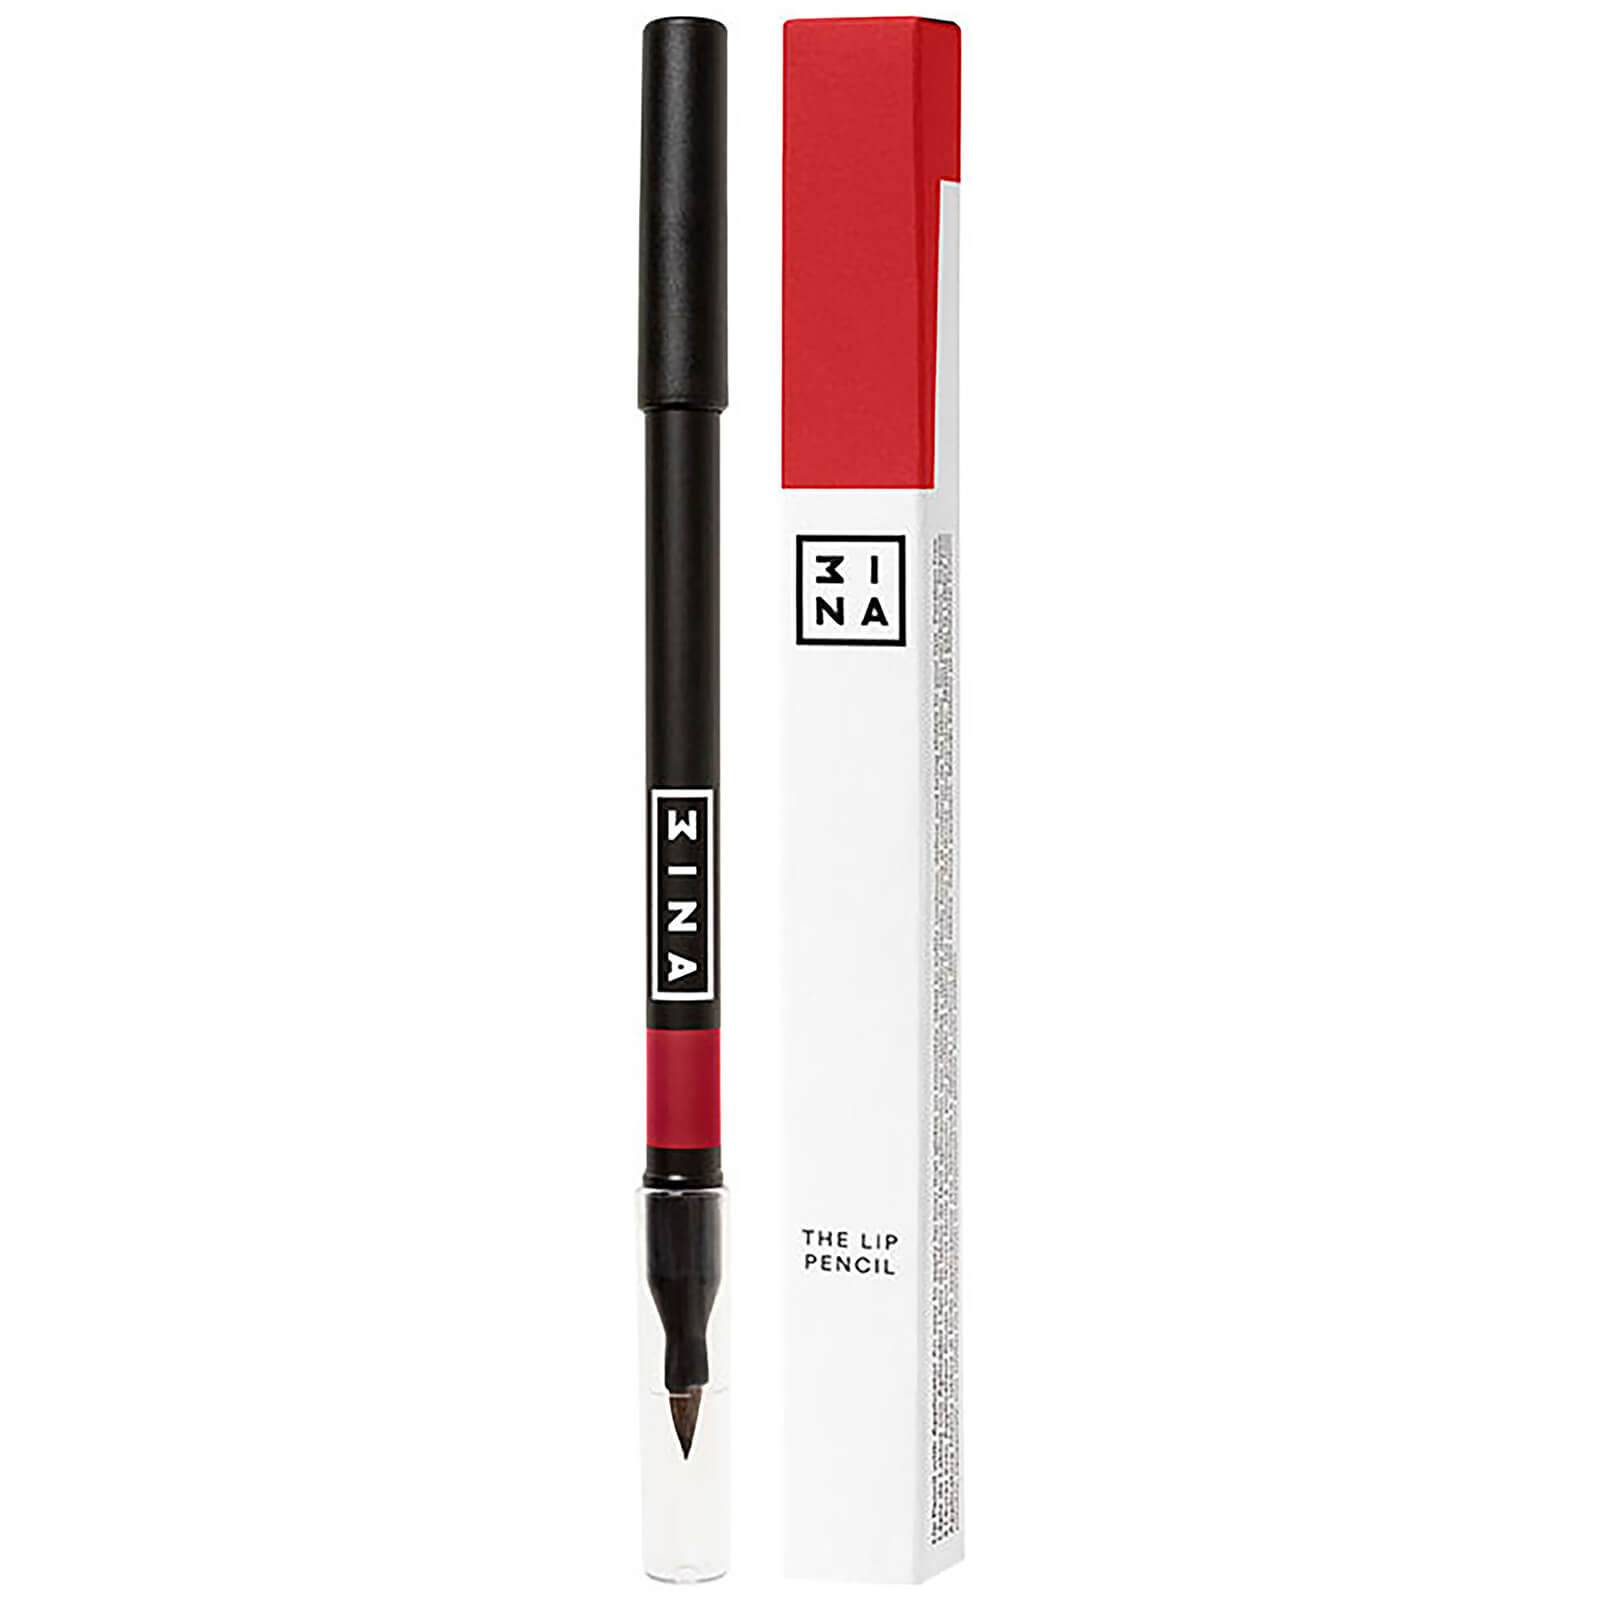 3INA Makeup Crayon à Lèvres avec Applicateur 3INA (plusieurs teintes disponibles) - 506